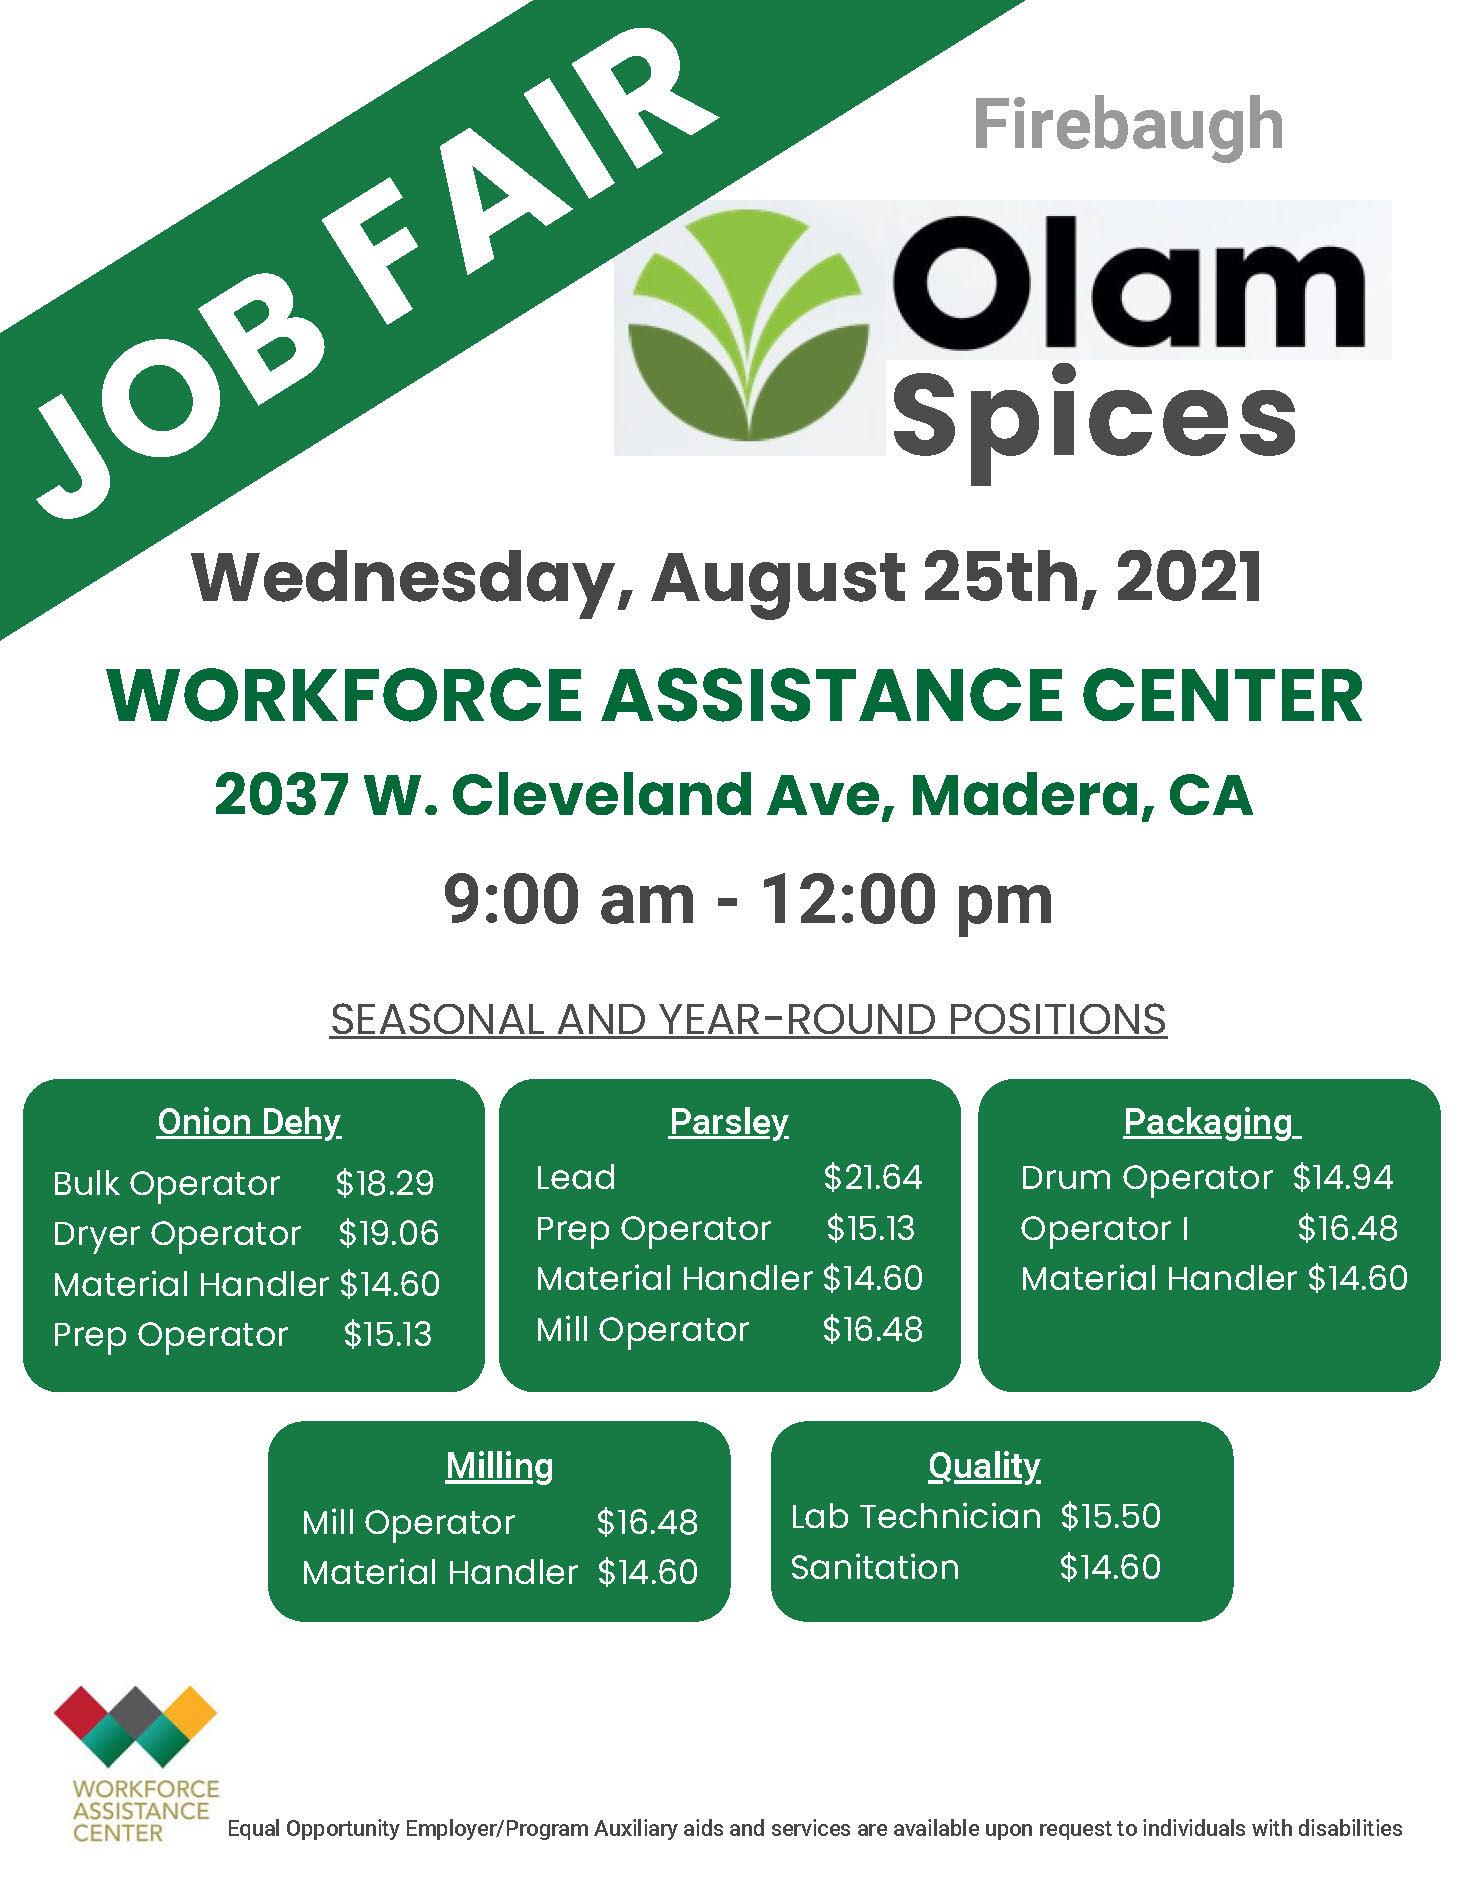 Olam Spices Job Fair 8/25/21